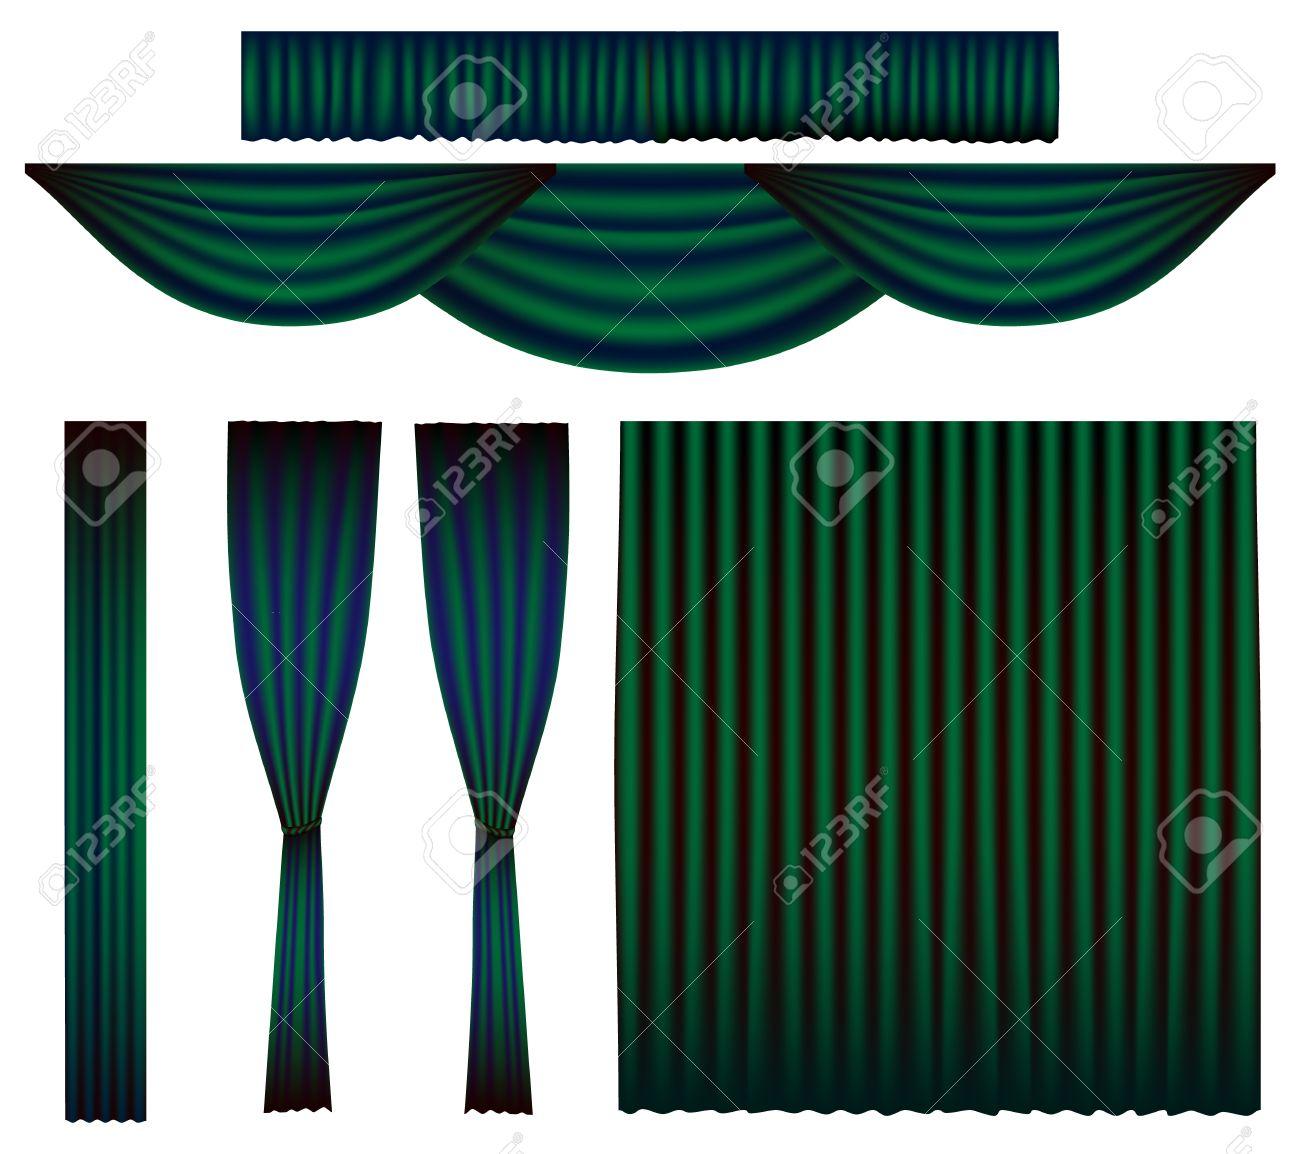 vert emeraude rideau vector set